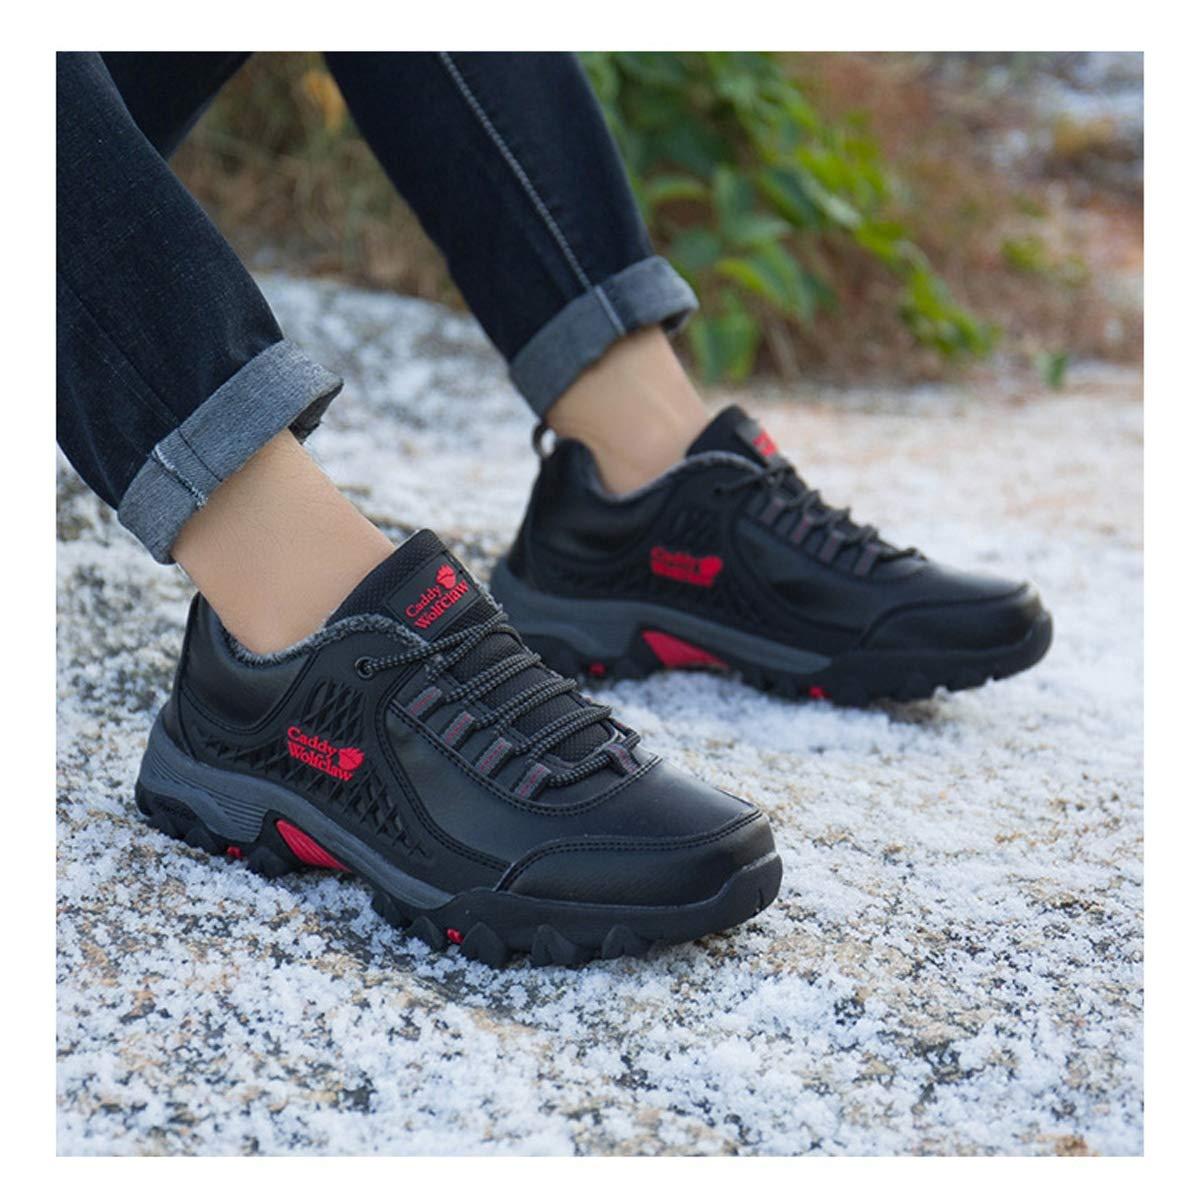 Männer Bergsteigen Stiefel Wanderschuhe Wanderschuhe Stiefel Wasser-sichere Schuhe Non Slip Attropfen Schuhe,A,43EU 30182e